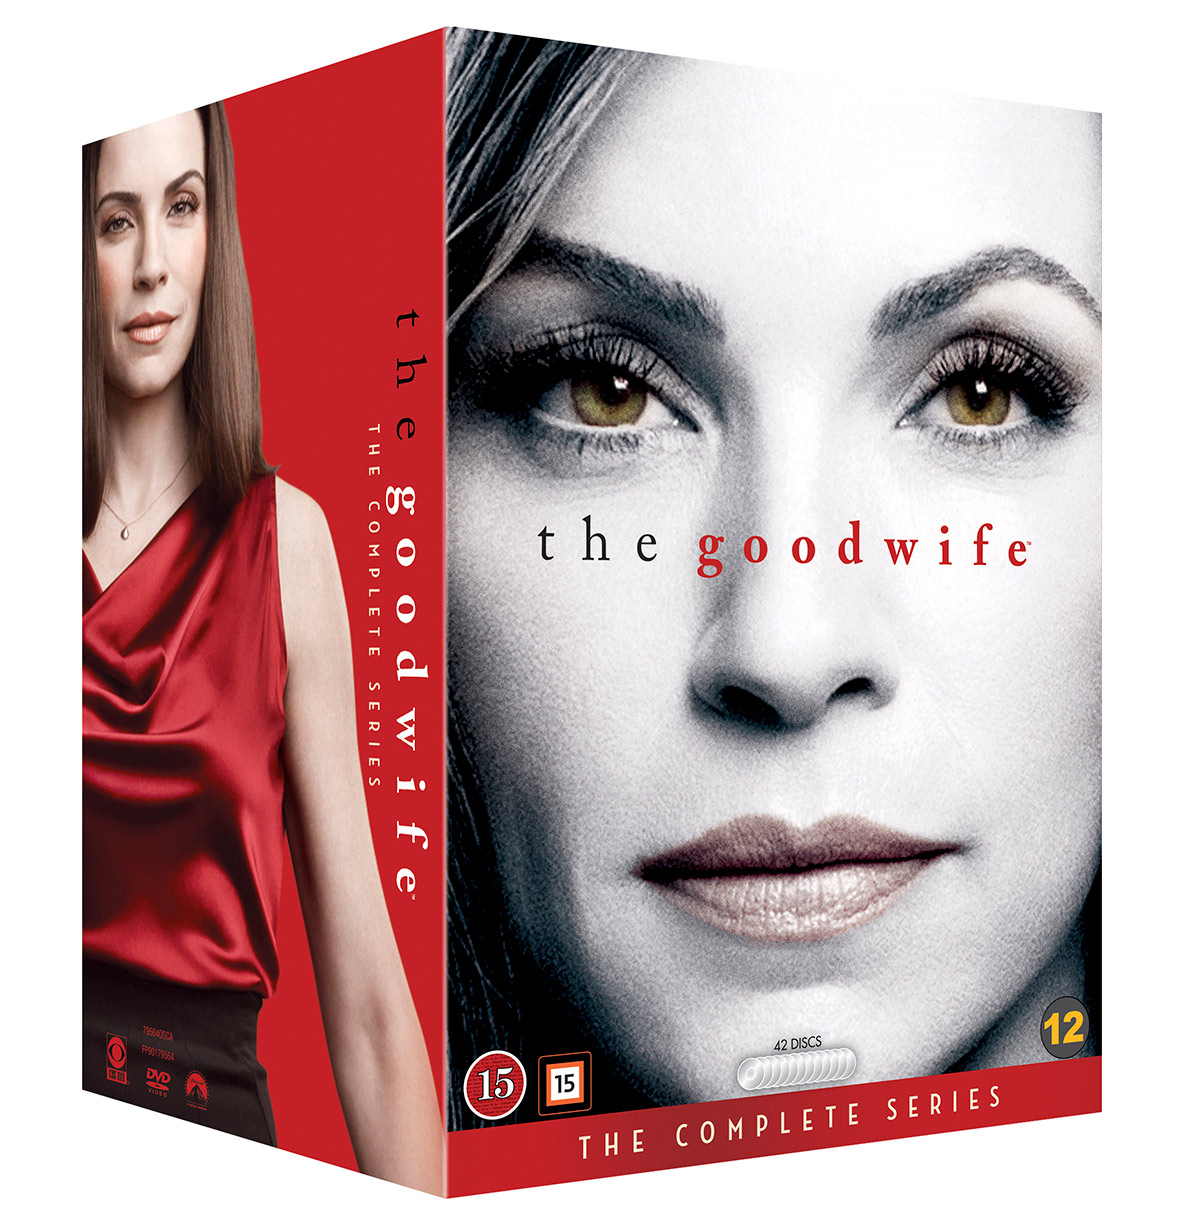 The Good Wife er nå samlet i en DVD-boks med hele sju sesonger.